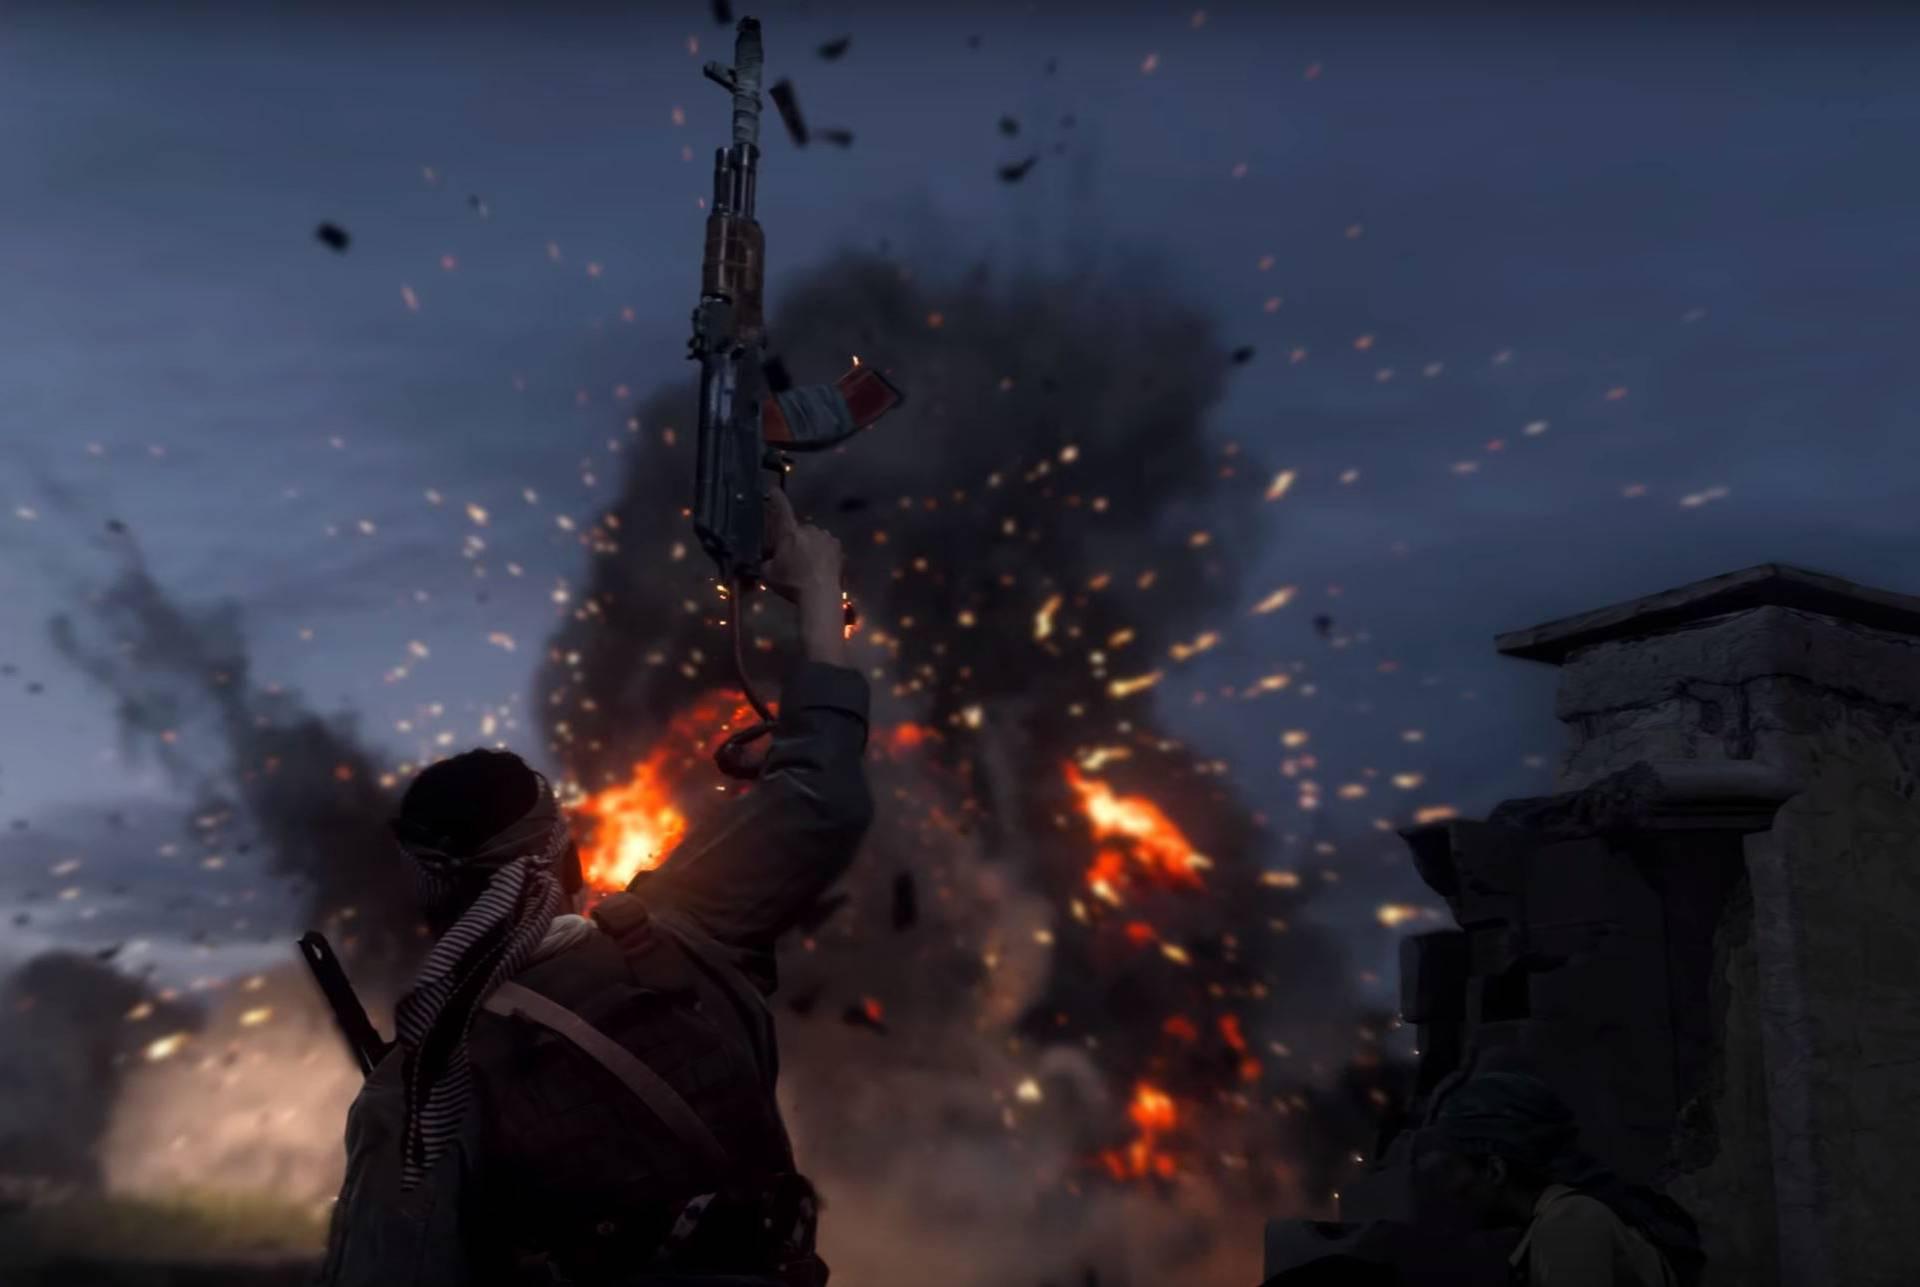 Pola sljedećeg Call of Dutyja igrat ćete u ulozi - terorista